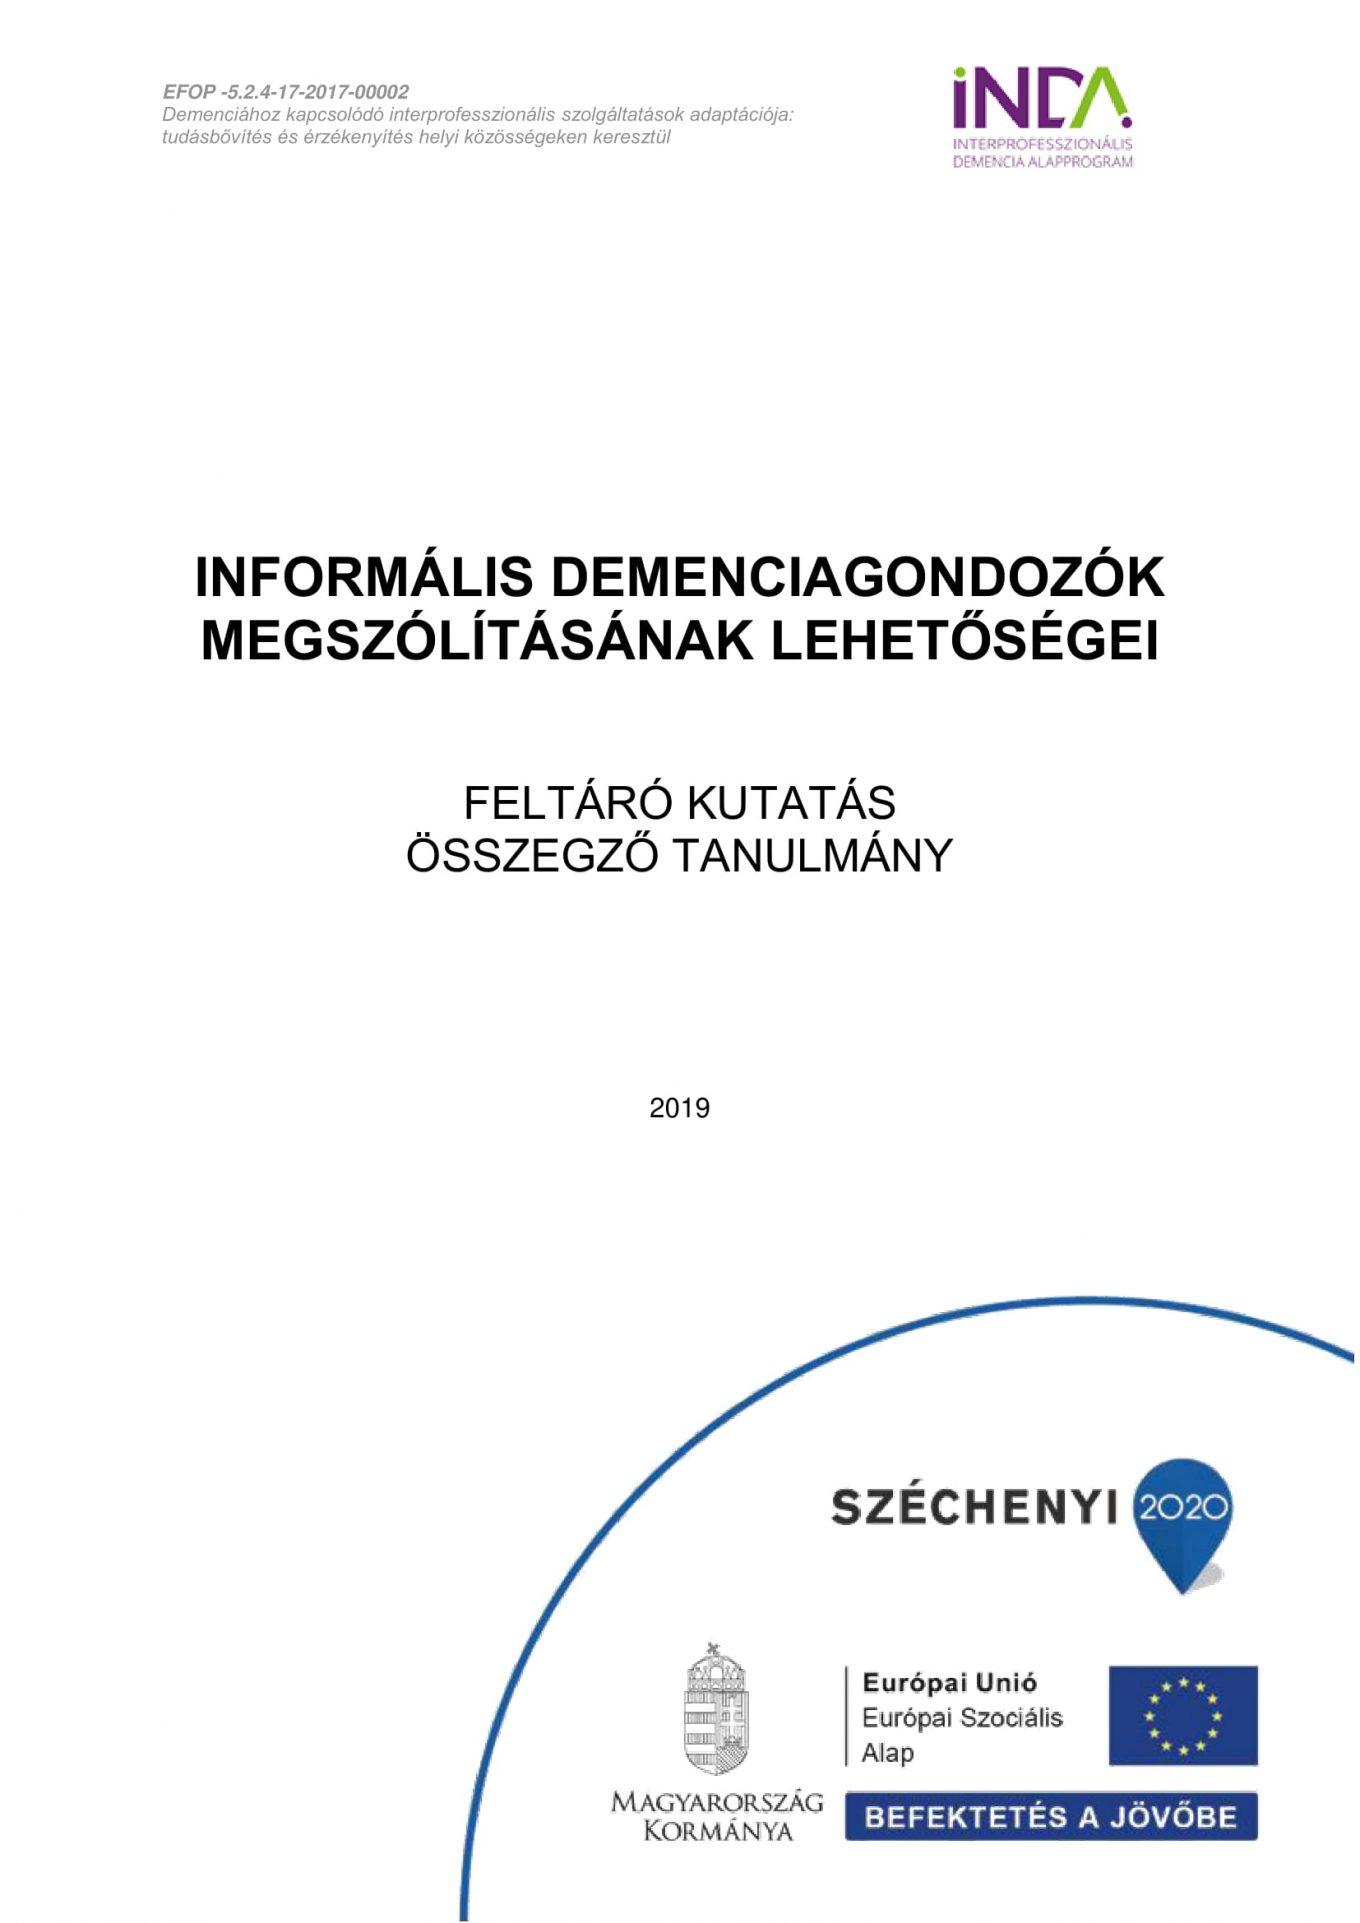 Az informális demencia gondozók megszólításának lehetőségei – feltáró kutatás, összegző tanulmány